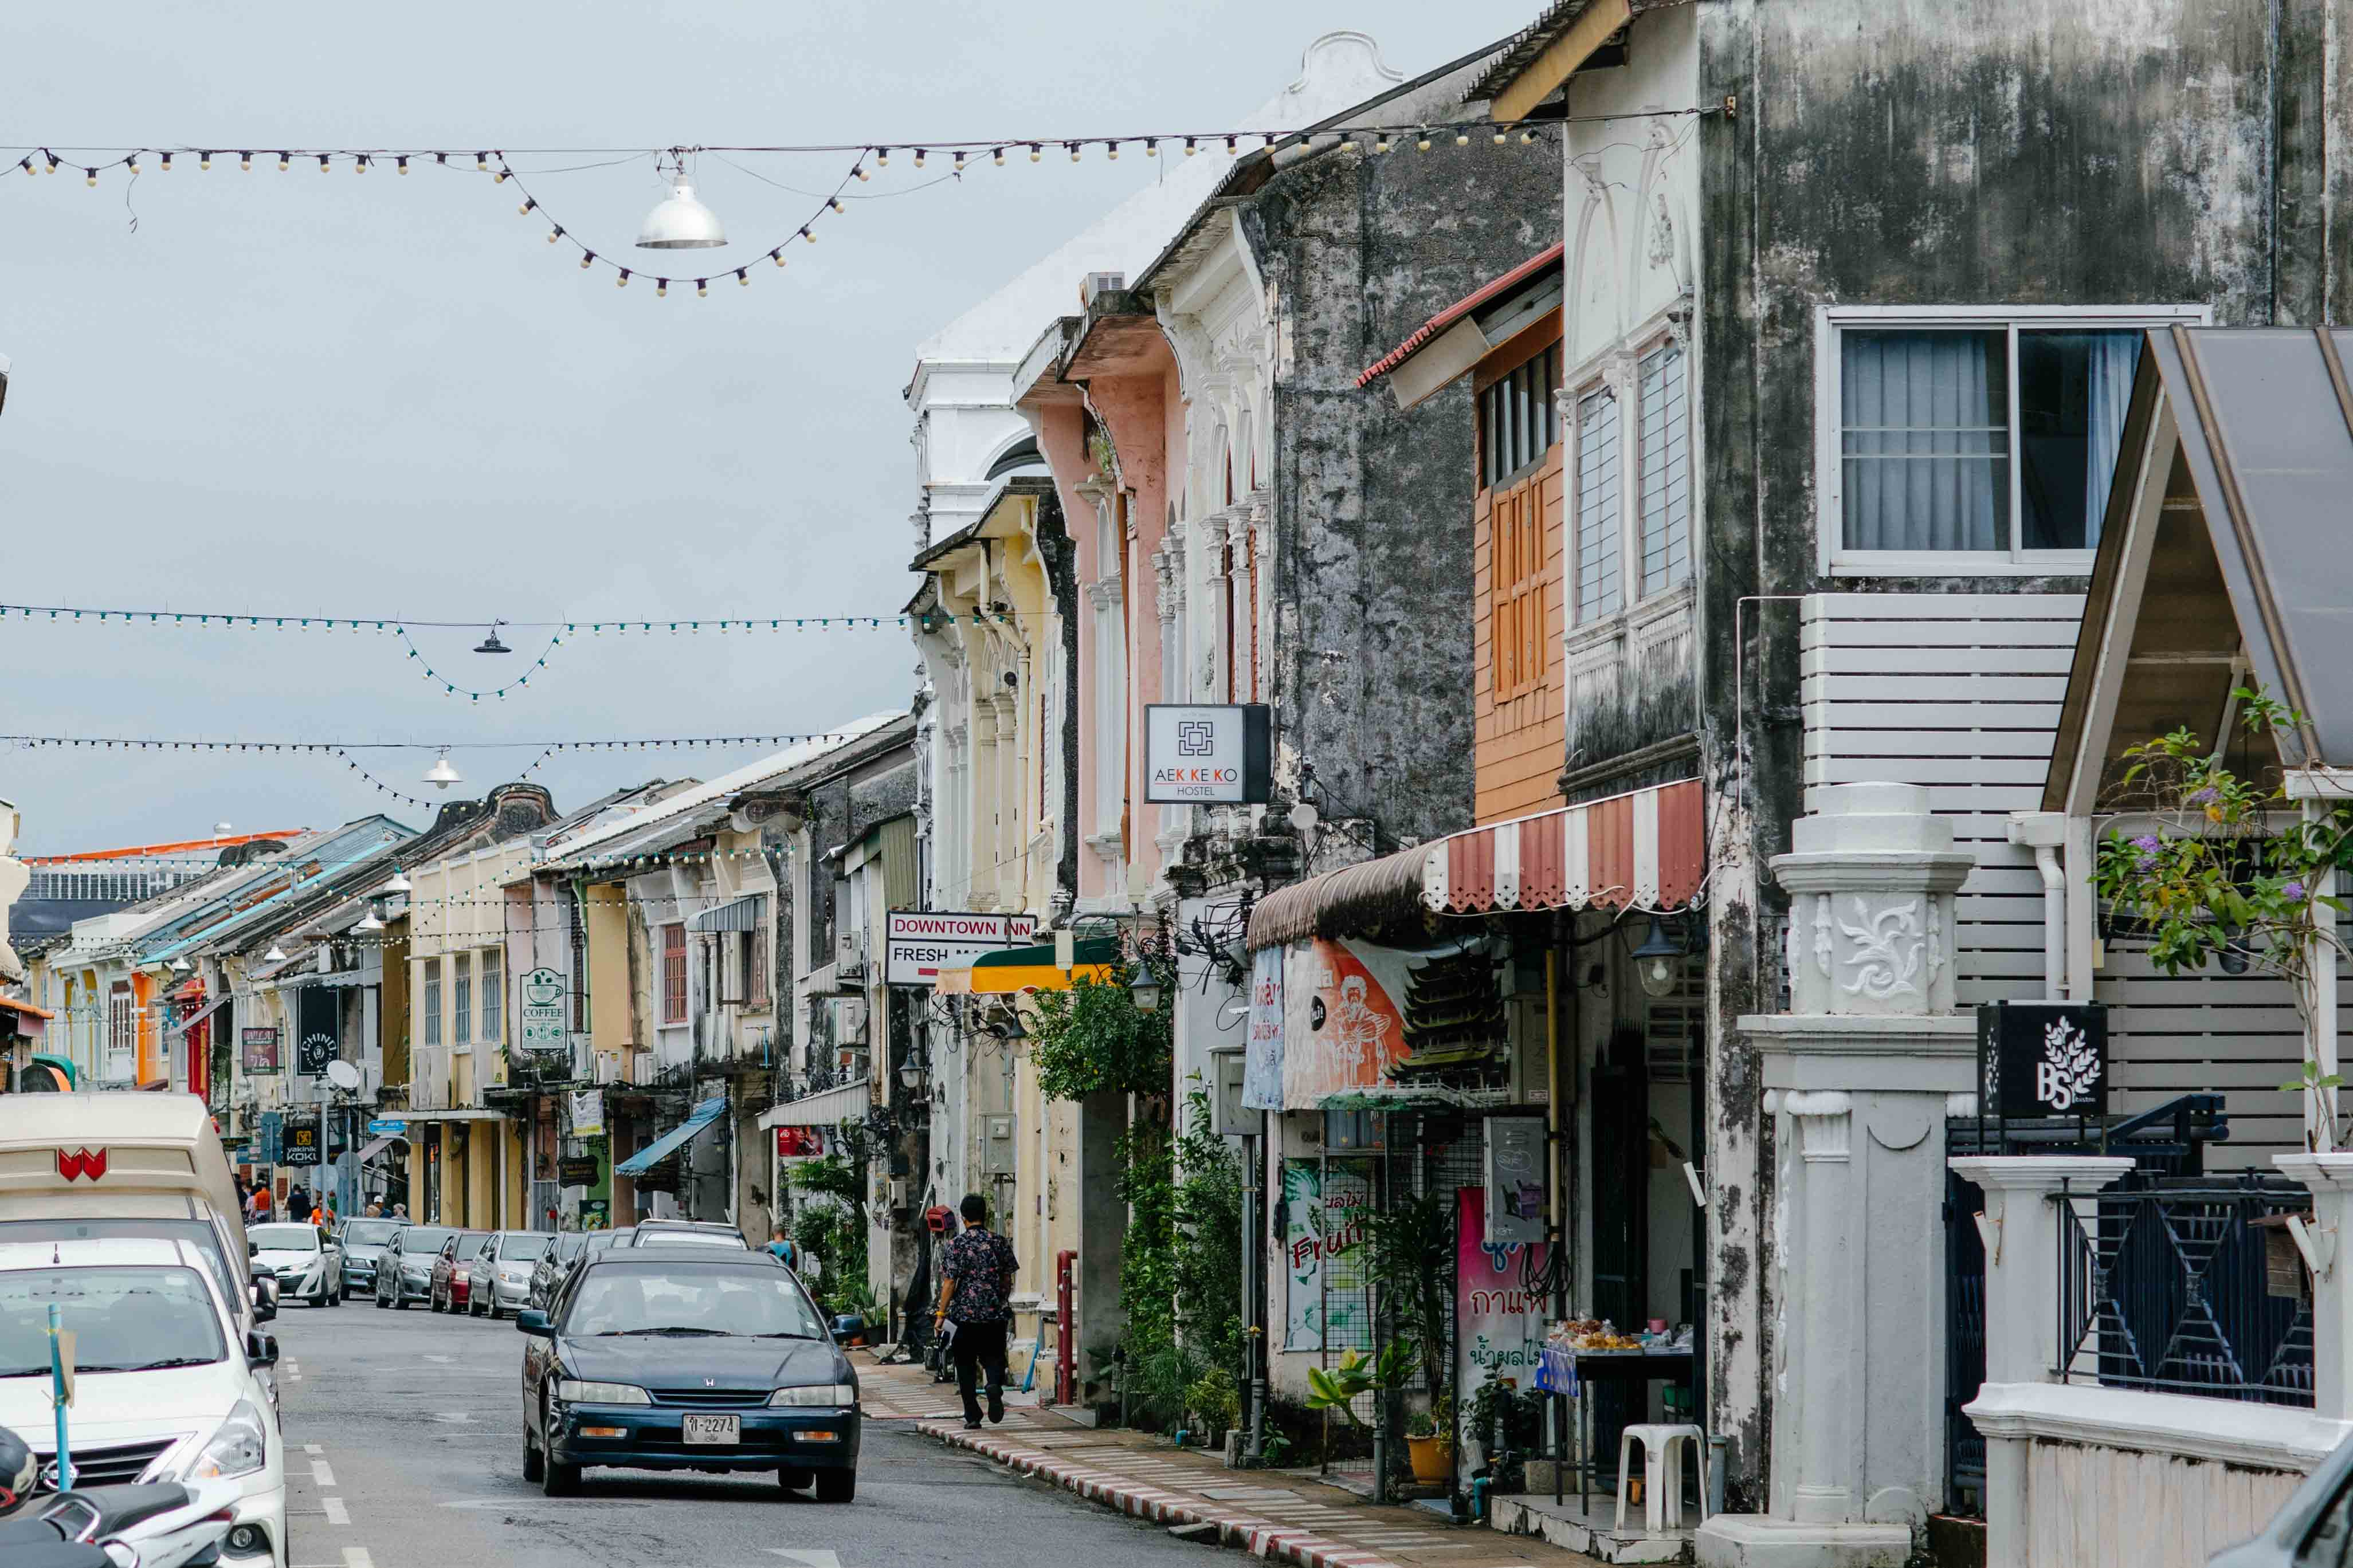 เมืองเก่าภูเก็ต-ดูดีมีสเน่ห์ พักที่นี่เราก็เดินชิวกันเลย-แบบไม่ต้องใช้รถนะครับ-มีทั้งที่ขายของที่ระลึก-คาเฟ่เด็ด--อร่อยมวากก-โกโก้ดีทุกร้าน--และร้านต่างๆอีกมากมายเลยย ที่พักภูเก็ตเมืองเก่า,ชิโนโปรตุกีส,ที่พักเมืองเก่า